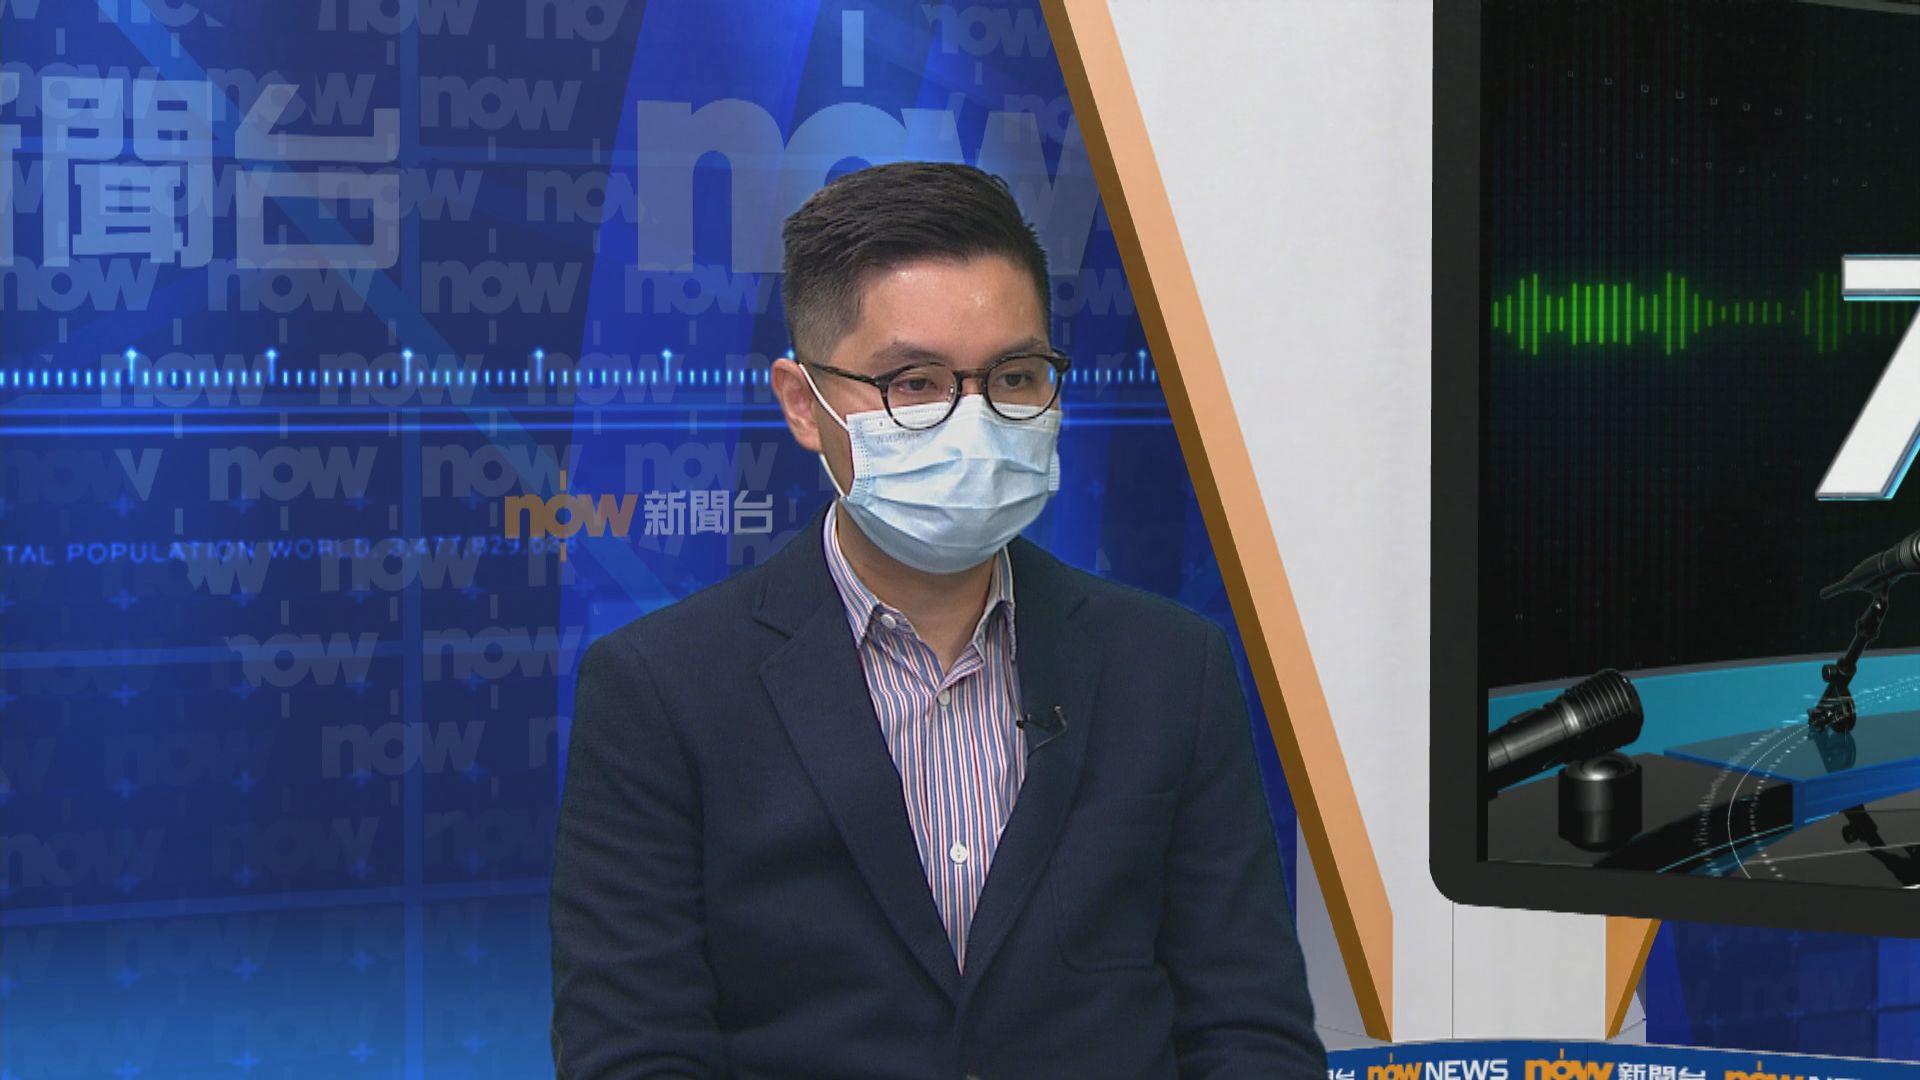 【大鳴大放】新冠病毒變種/全民抗疫(二)